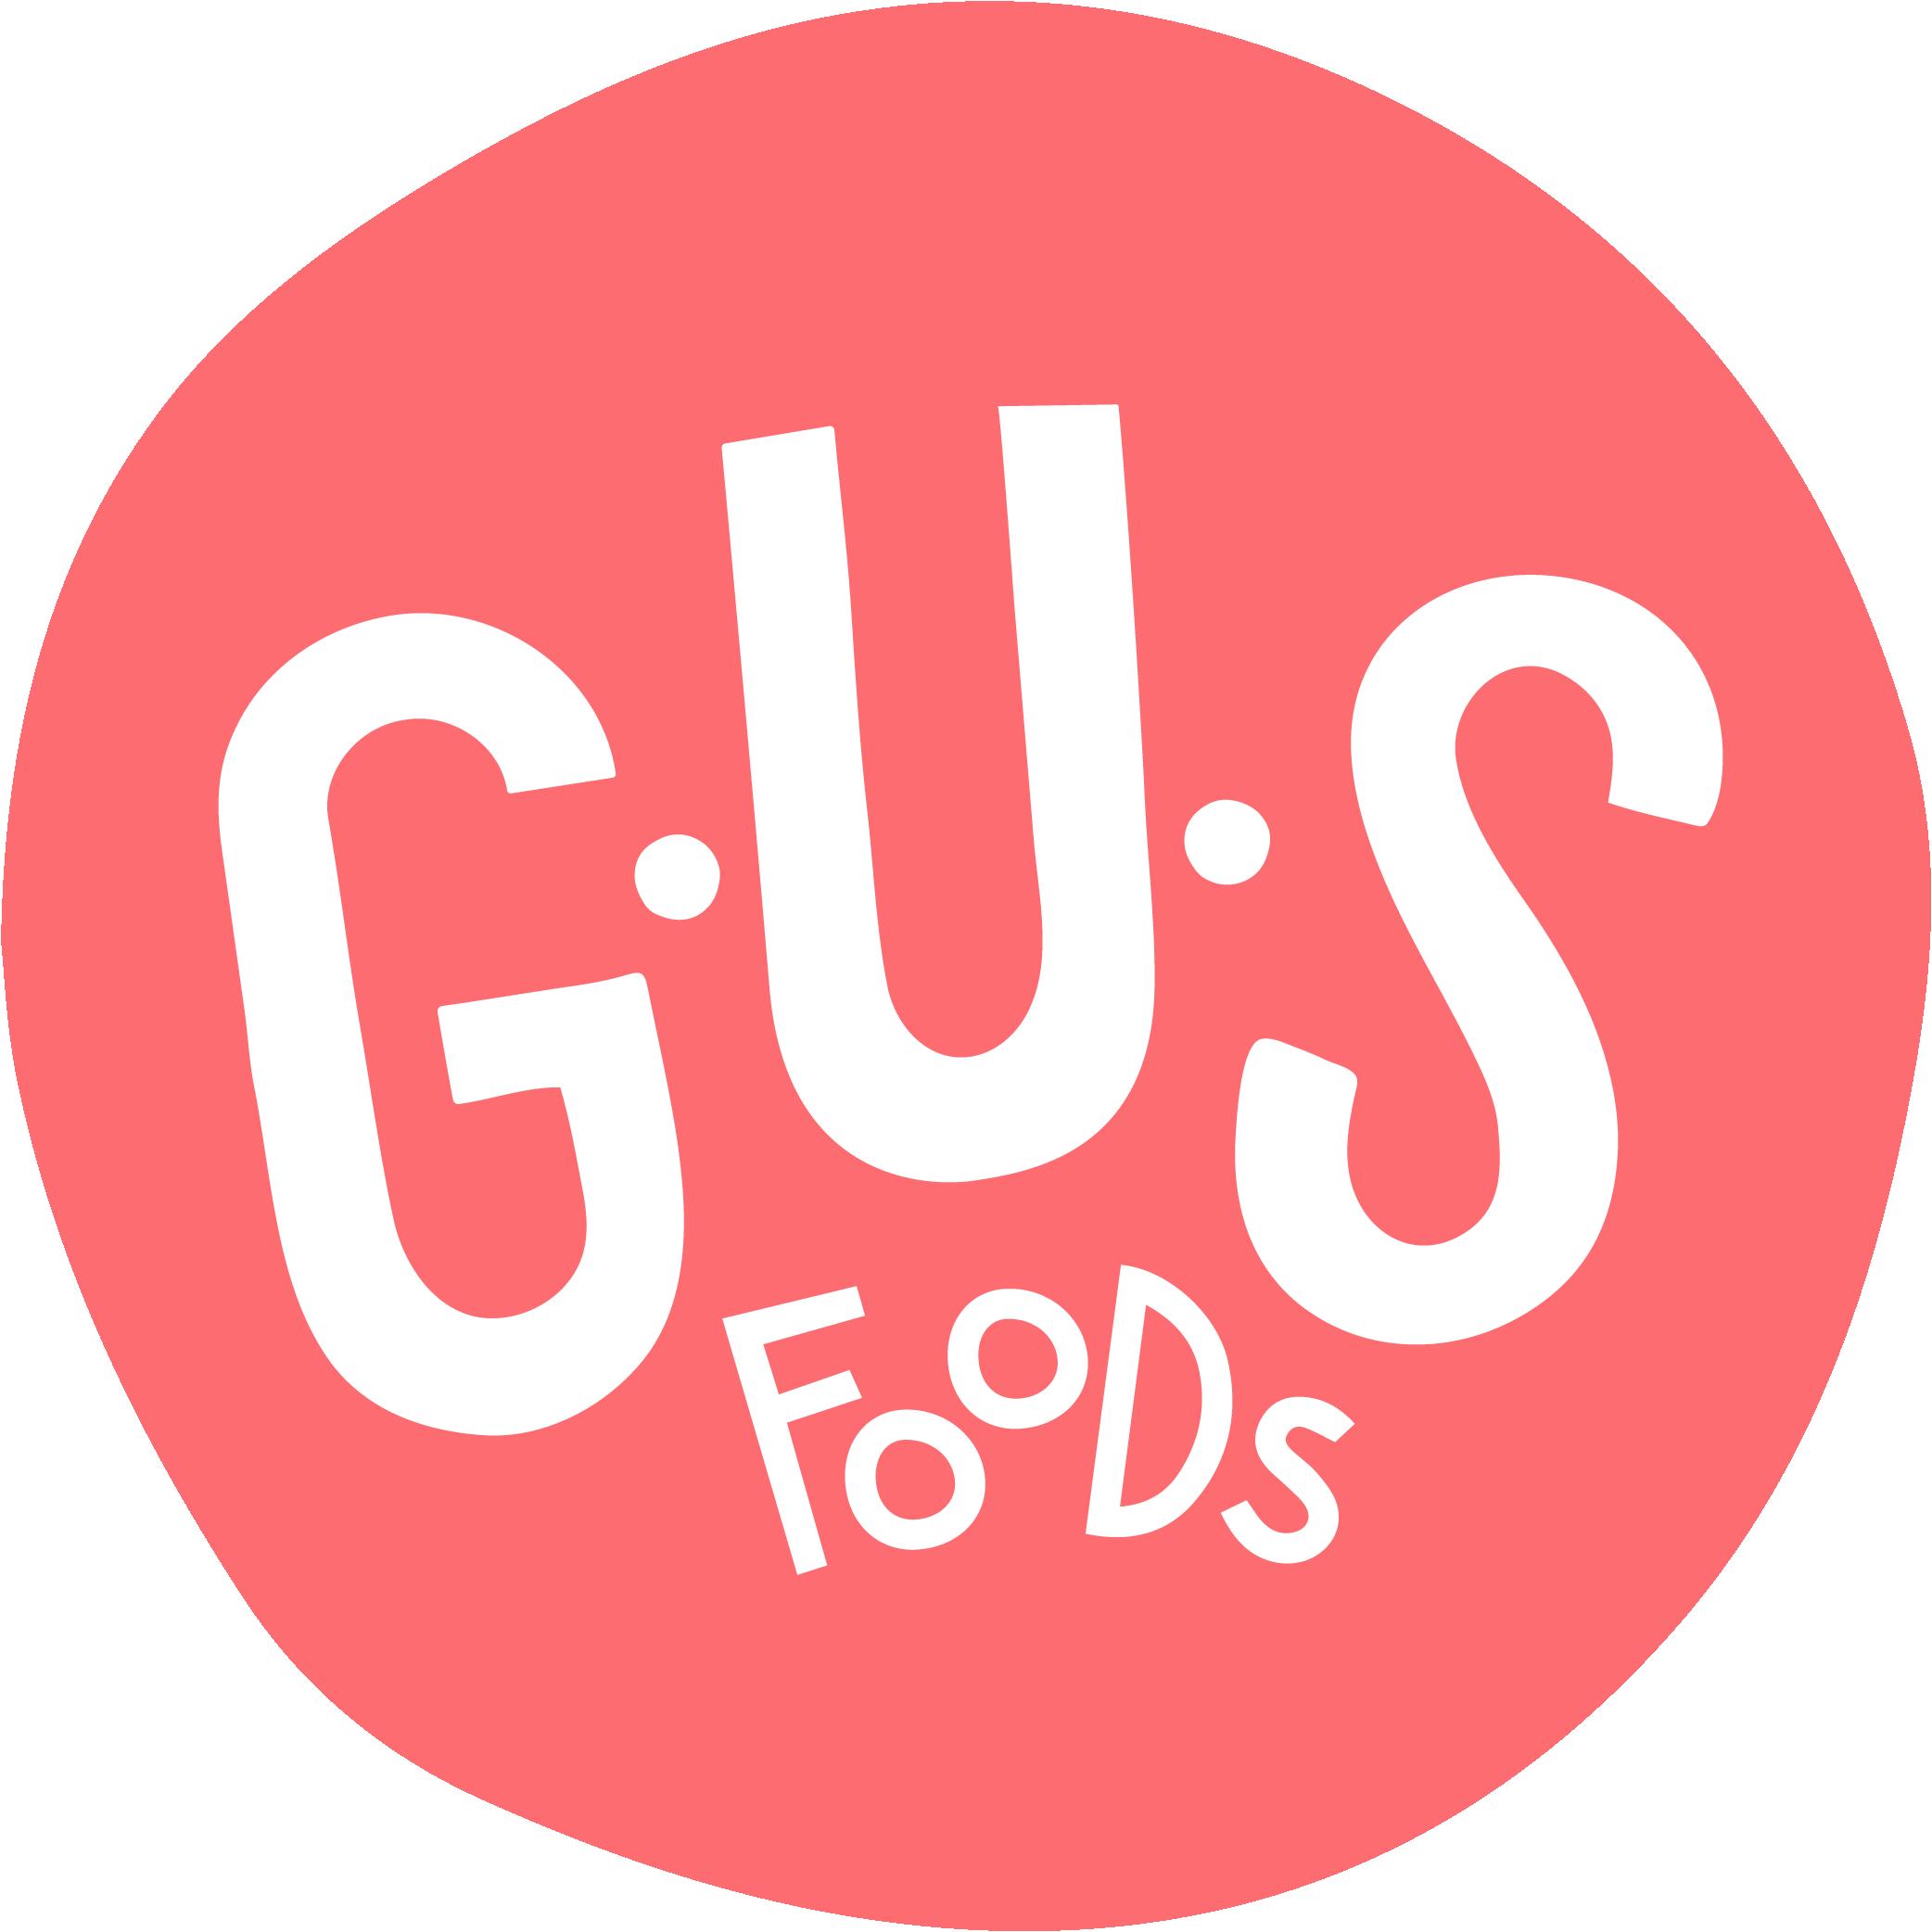 Gus Foods